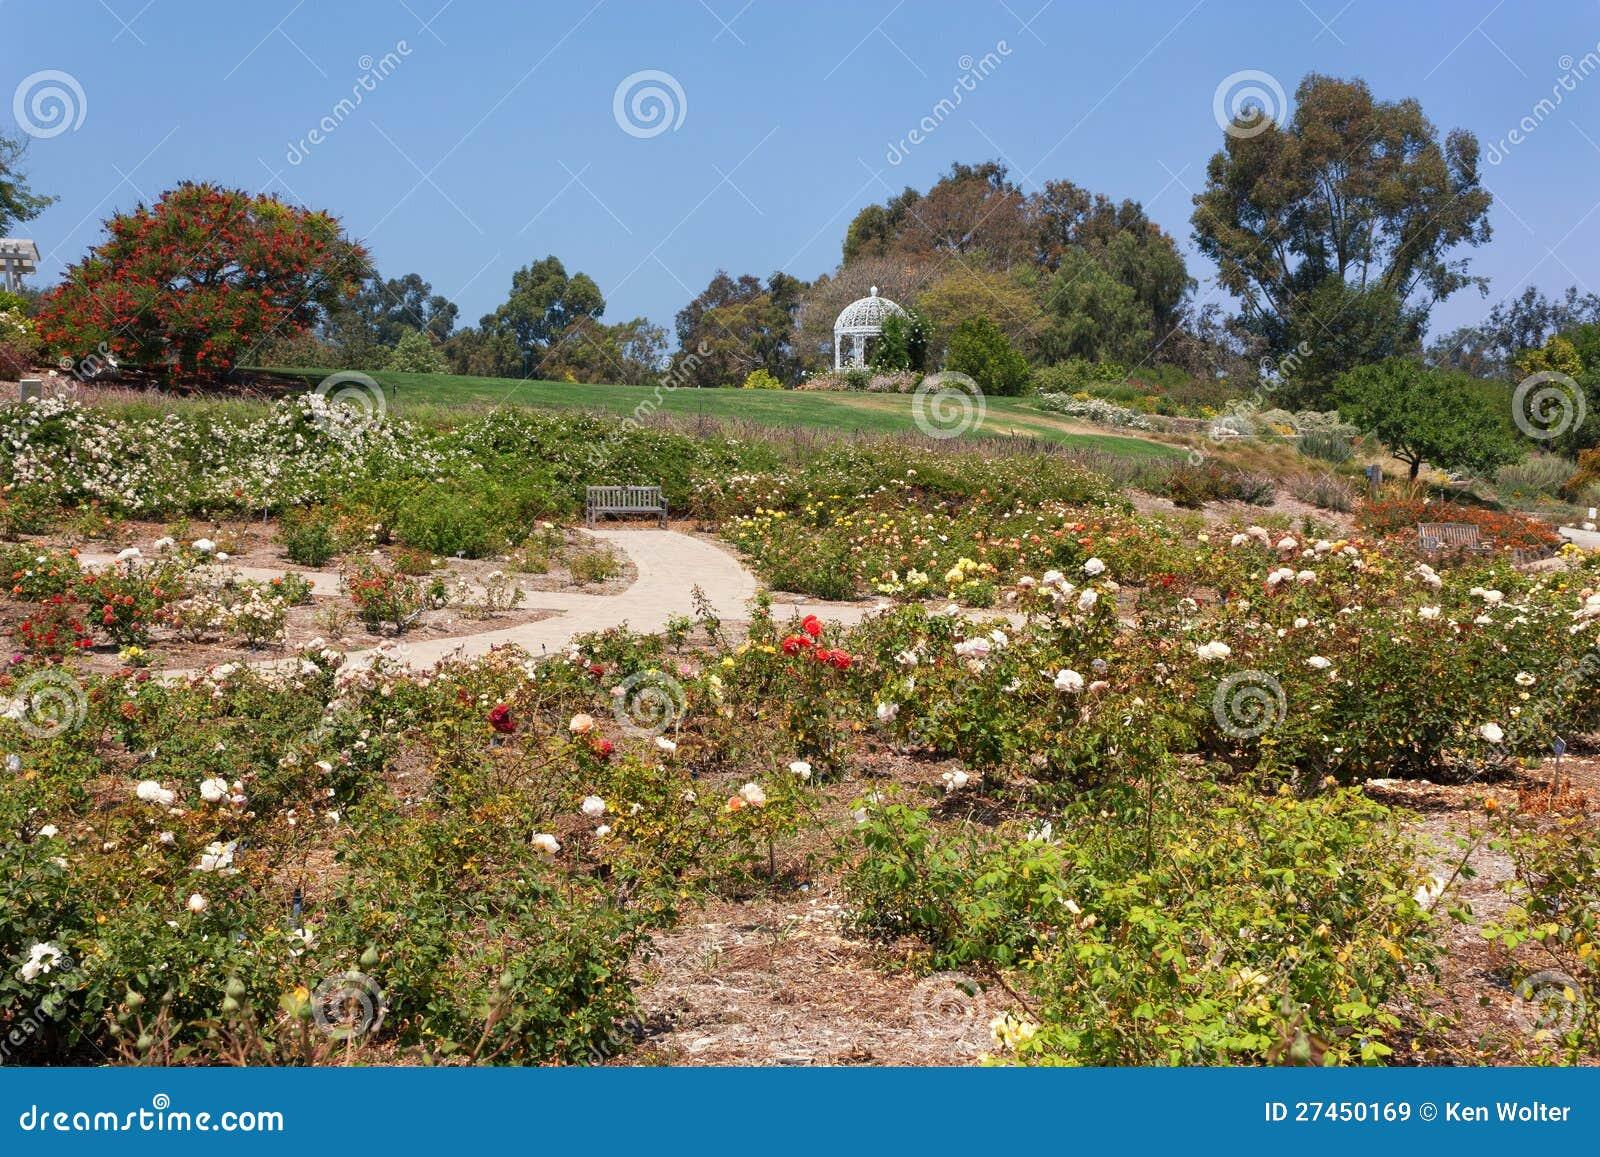 South Coast Botanic Garden Royalty Free Stock Images Image 27450169